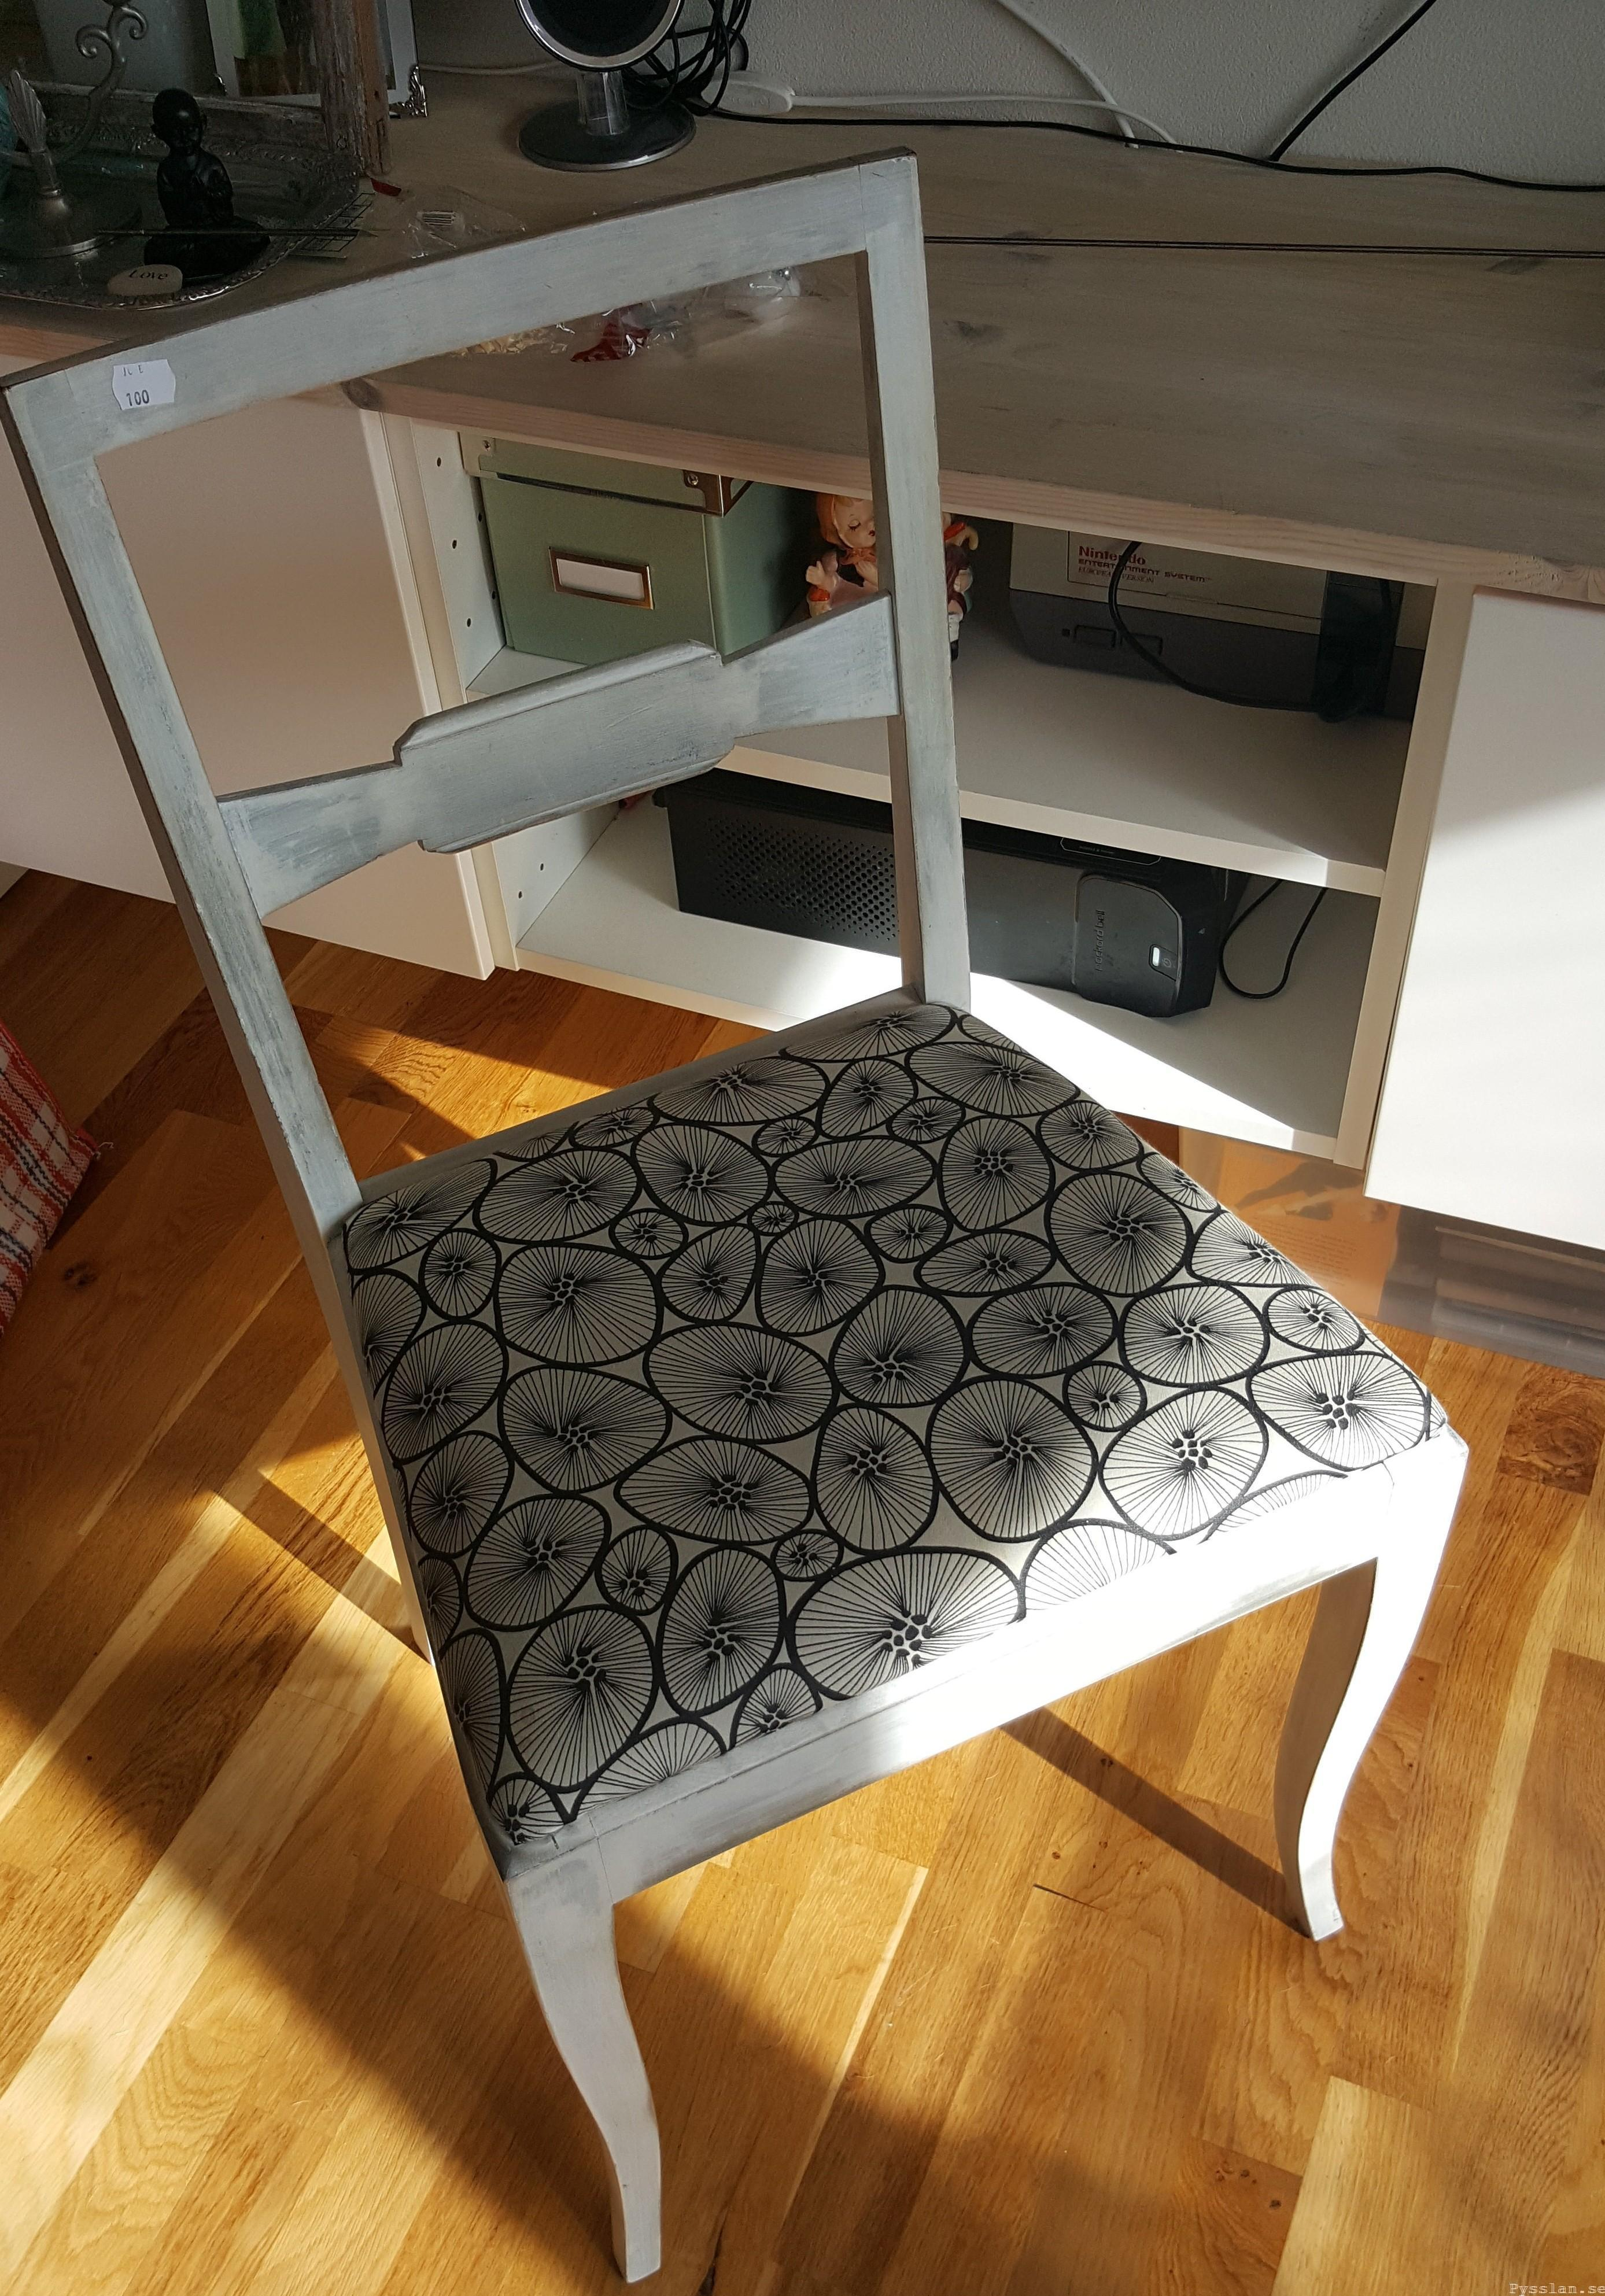 Snabb snygg enkel billig omklädnad av loppis stol pysslan blogg innan